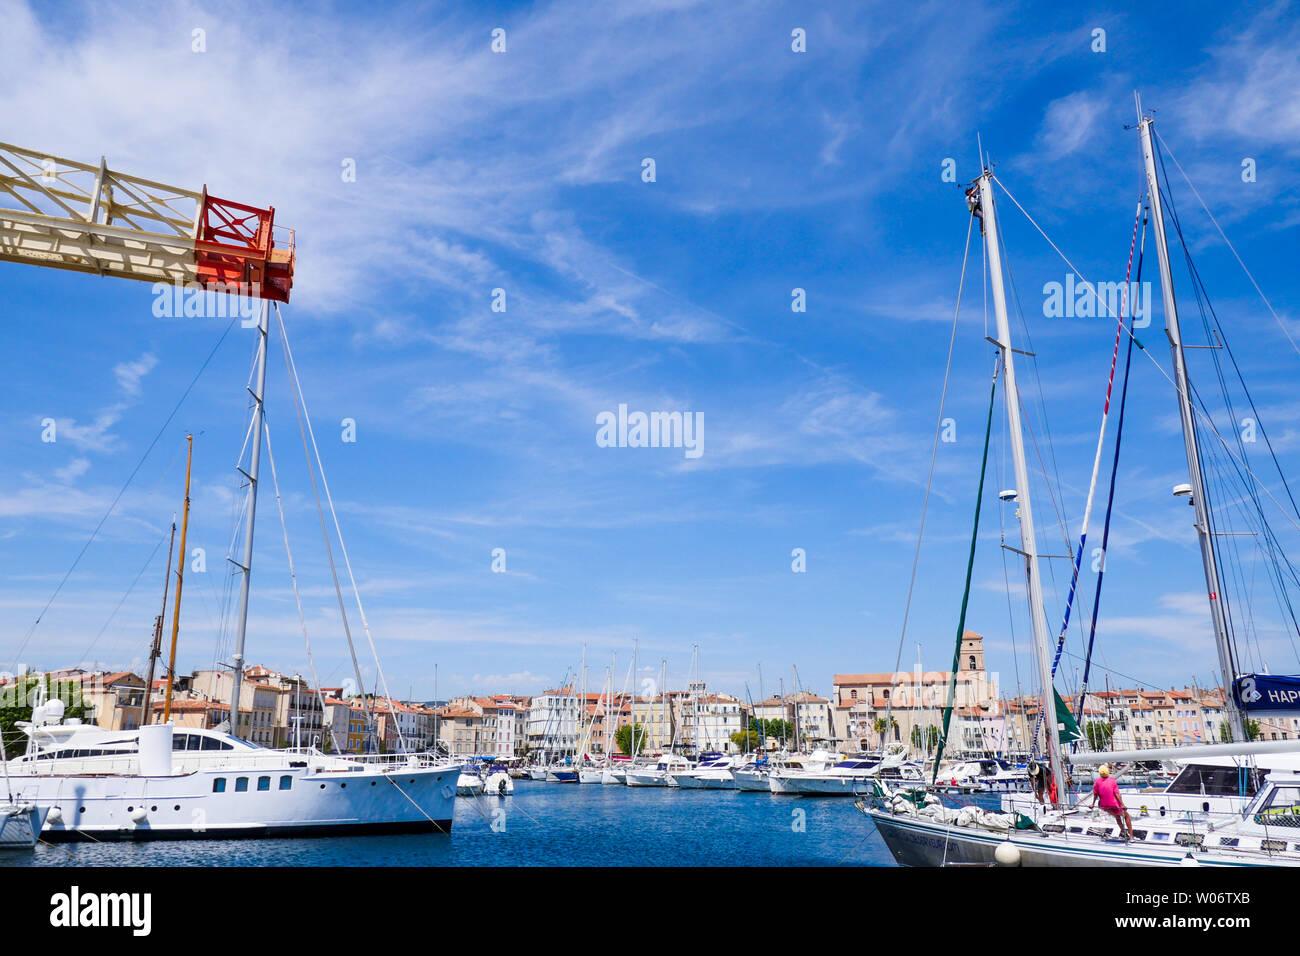 Historical Titan 5/20 T portuary crane, Port-Vieux, La Ciotat, Bouches-du-Rhône, France - Stock Image